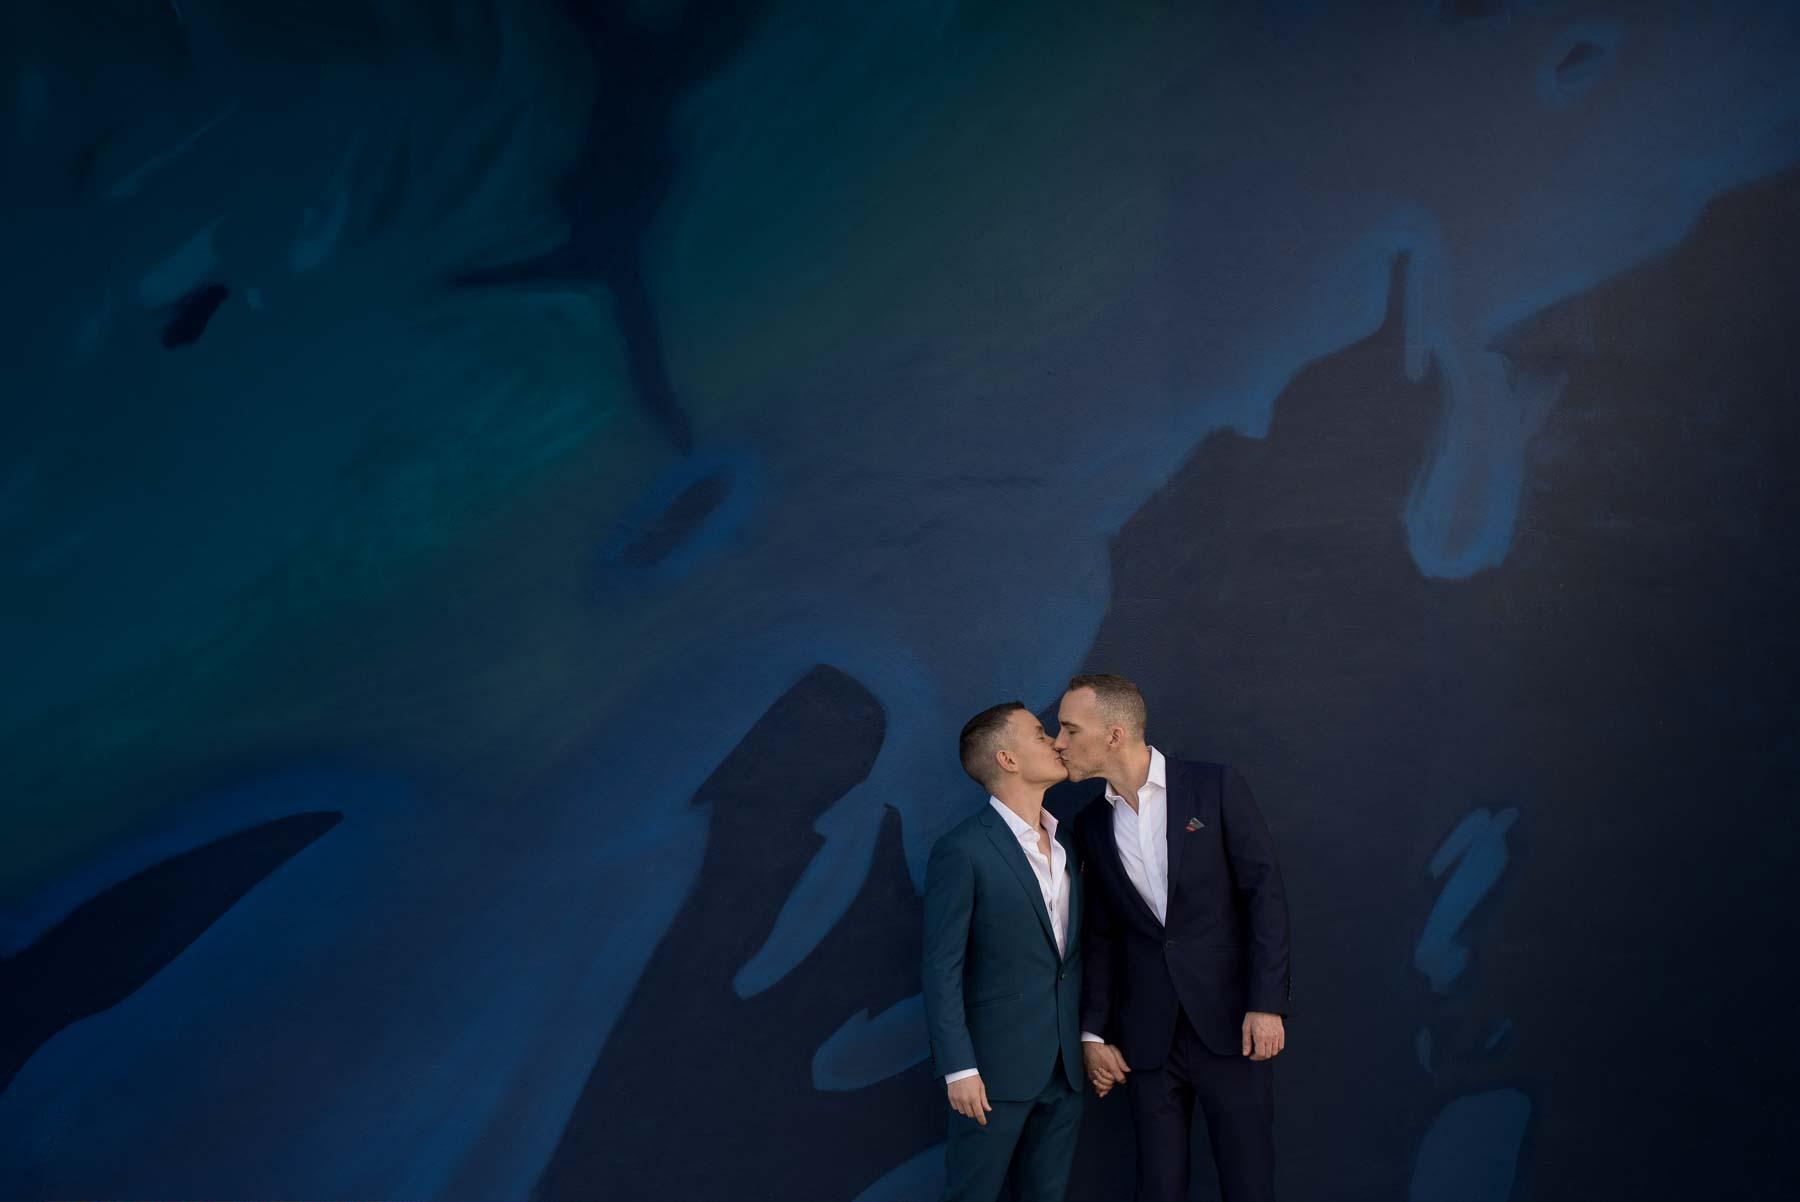 Stylish Gay Miami Wedding